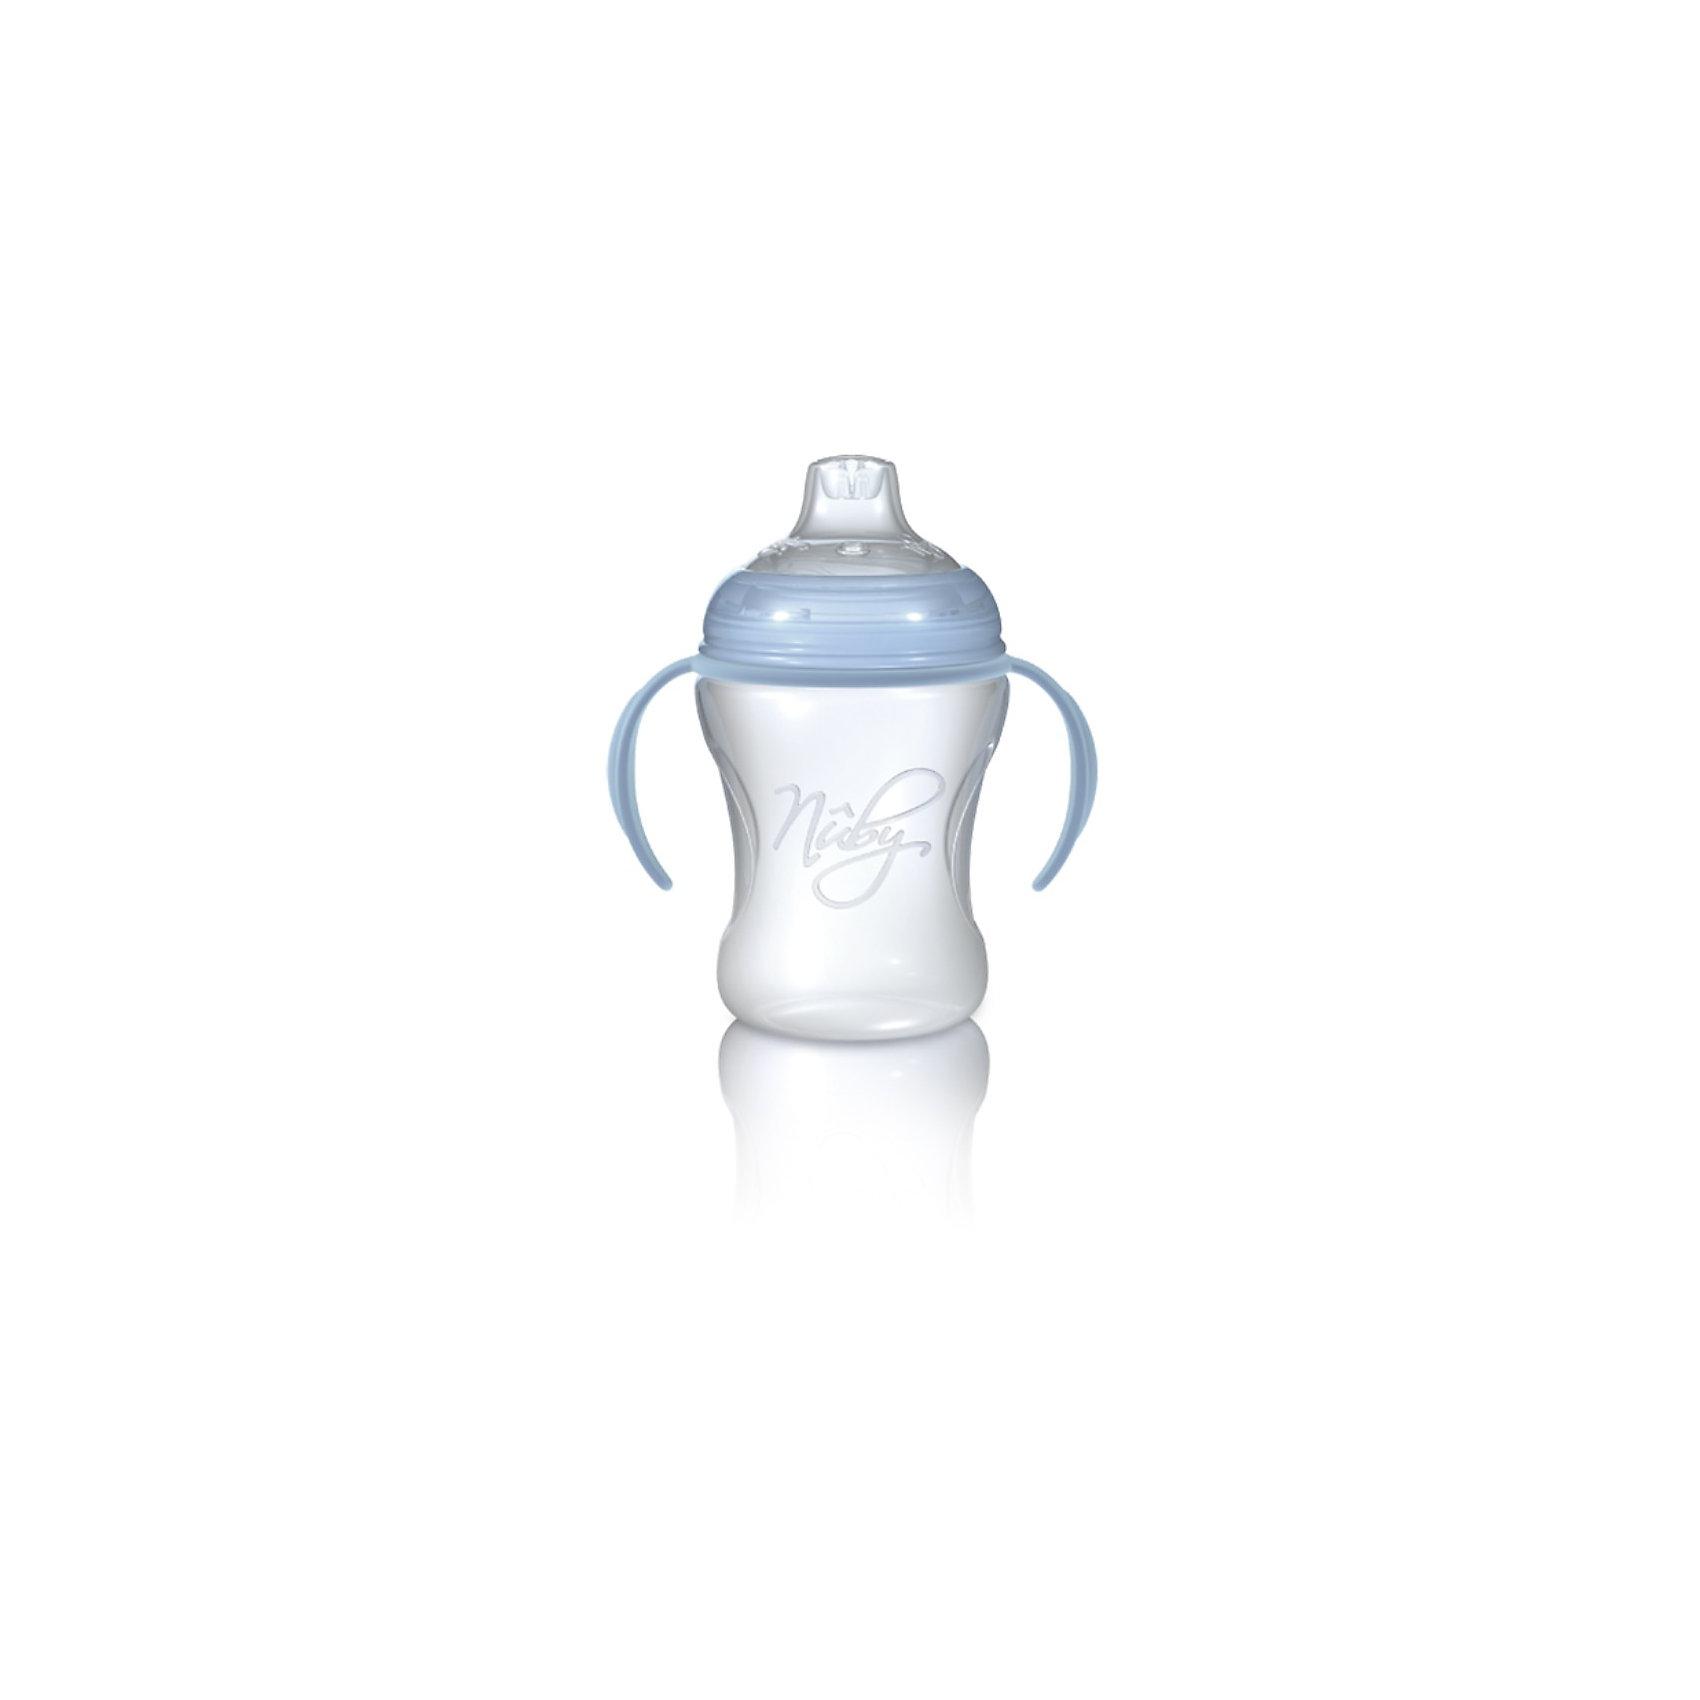 Полипропиленовый поильник Nuby с носиком-непроливайкой, 240 млПоильники<br>Полипропиленовый поильник, носик непроливайка, съемные ручки.<br>                                                                      <br>НОСИК-НЕПРОЛИВАЙКА: Благодаря уникальной технологии жидкость в мягкий силиконовый носик поступает только в момент совершения малышом сосательных движений, что предотвращает протекание поильника. Силикон не вызывает раздражение нежных десен и травмирования зубов ребенка. <br><br>ПОИЛЬНИК: Сделан из прозрачного ударопрочного полипропилена. СВЧ-печь подходит только для разогревания жидкости. При подогревании жидкостей в бутылочке в СВЧ-печи соска и крышка от бутылочки должны быть всегда сняты. Съемные ручки помогут ему самостоятельно овладеть навыком кормления. <br><br>ИСПОЛЬЗОВАНИЕ: Мыть перед первым использованием и после каждого последующего использования. Плотно закрыть крышку для обеспечения герметичности. <br><br>УХОД: Изделие можно безопасно мыть в посудомоечной машине на верхней полке или мыть в теплой воде с использованием мягкого жидкого мыла, а затем тщательно промывать в чистой воде. <br><br>Дополнительная информация:<br>- Состав: полипропилен, силикон;<br>- Он является абсолютно безопасным: не содержит bisphenol-A;<br>- Изготовлен из безопасного и нетоксичного полипропилена.<br><br>ПРЕДУПРЕЖДЕНИЕ: Во избежание травм не позволяйте ребенку бегать с поильником. Силиконовый носик-непроливайка не предназначен для использования в качестве прорезывателя. Пожалуйста, не позволяйте ребенку грызть или жевать носик, так как это может привести к протеканию или разрывам. Сменные носики продаются отдельно. Никогда не наливайте в поильник газированные напитки; возникающее давление может привести к протеканию. Никогда не оставляйте ребенка без присмотра во время использования им этого или иного детского изделия. Всегда проверяйте температуру перед тем, как кормить ребенка. <br><br>Изделие изготовлено из безопасных, долговечных, нетоксичных материалов. Сертифицир